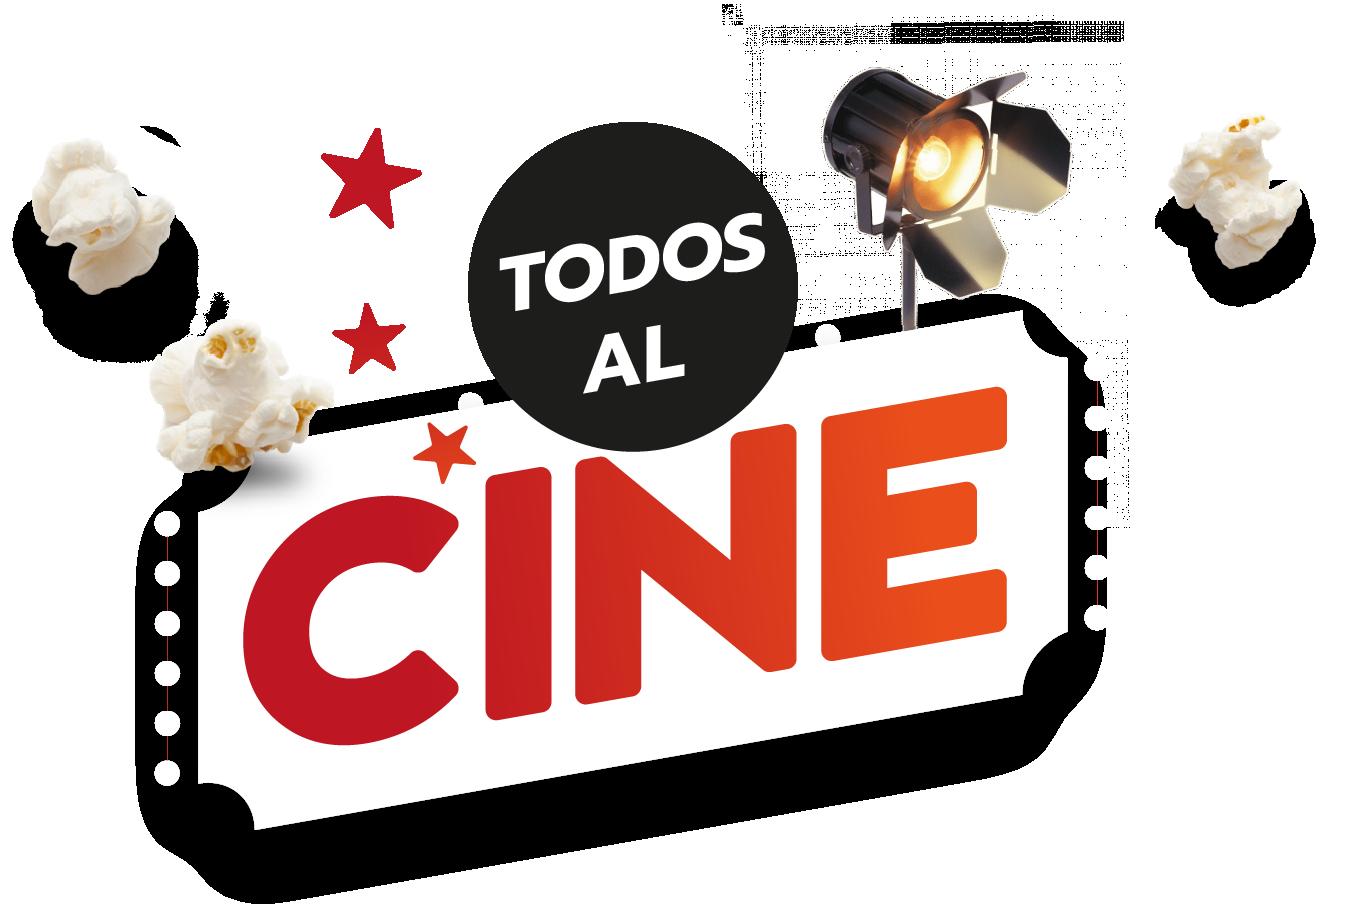 Logo Todos Al Cine-02